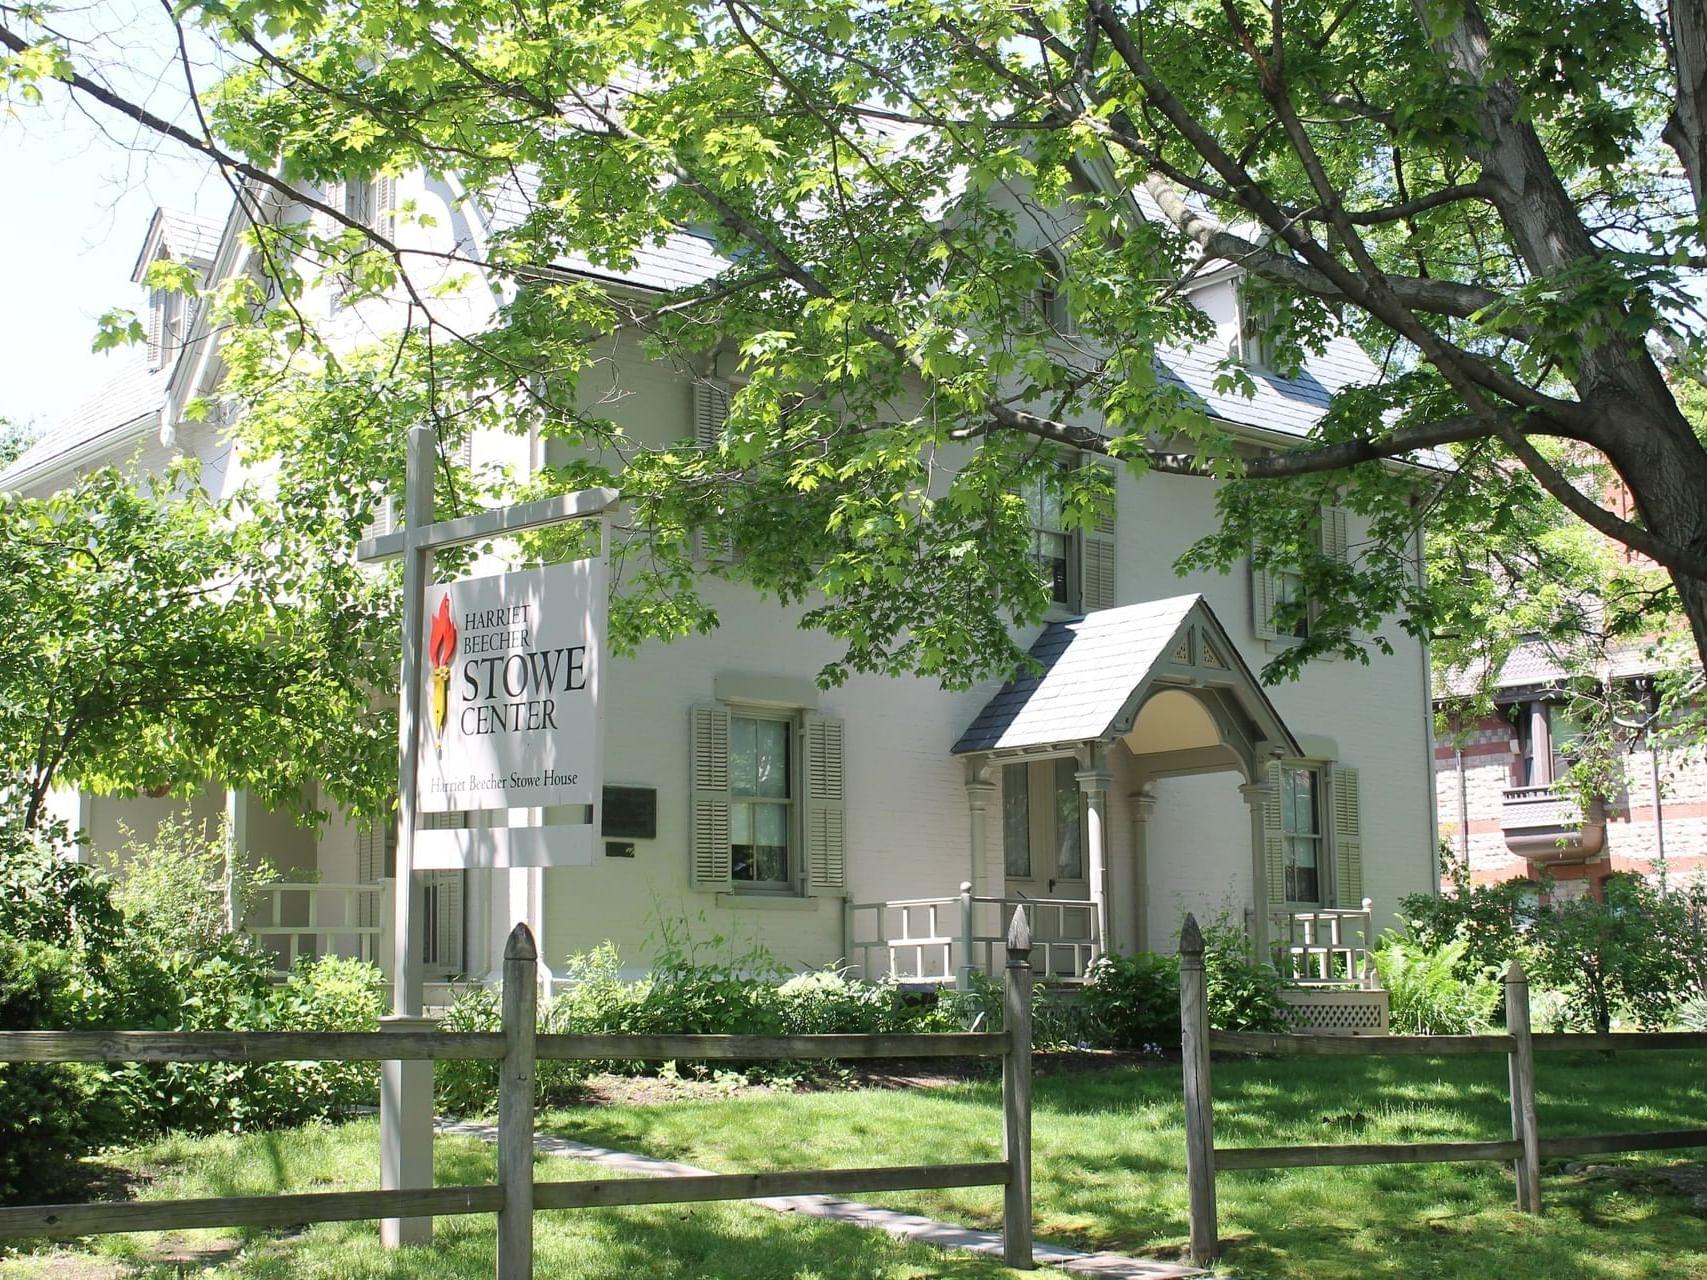 Harriet Beecher Stowe House near Farmington Inn and Suites